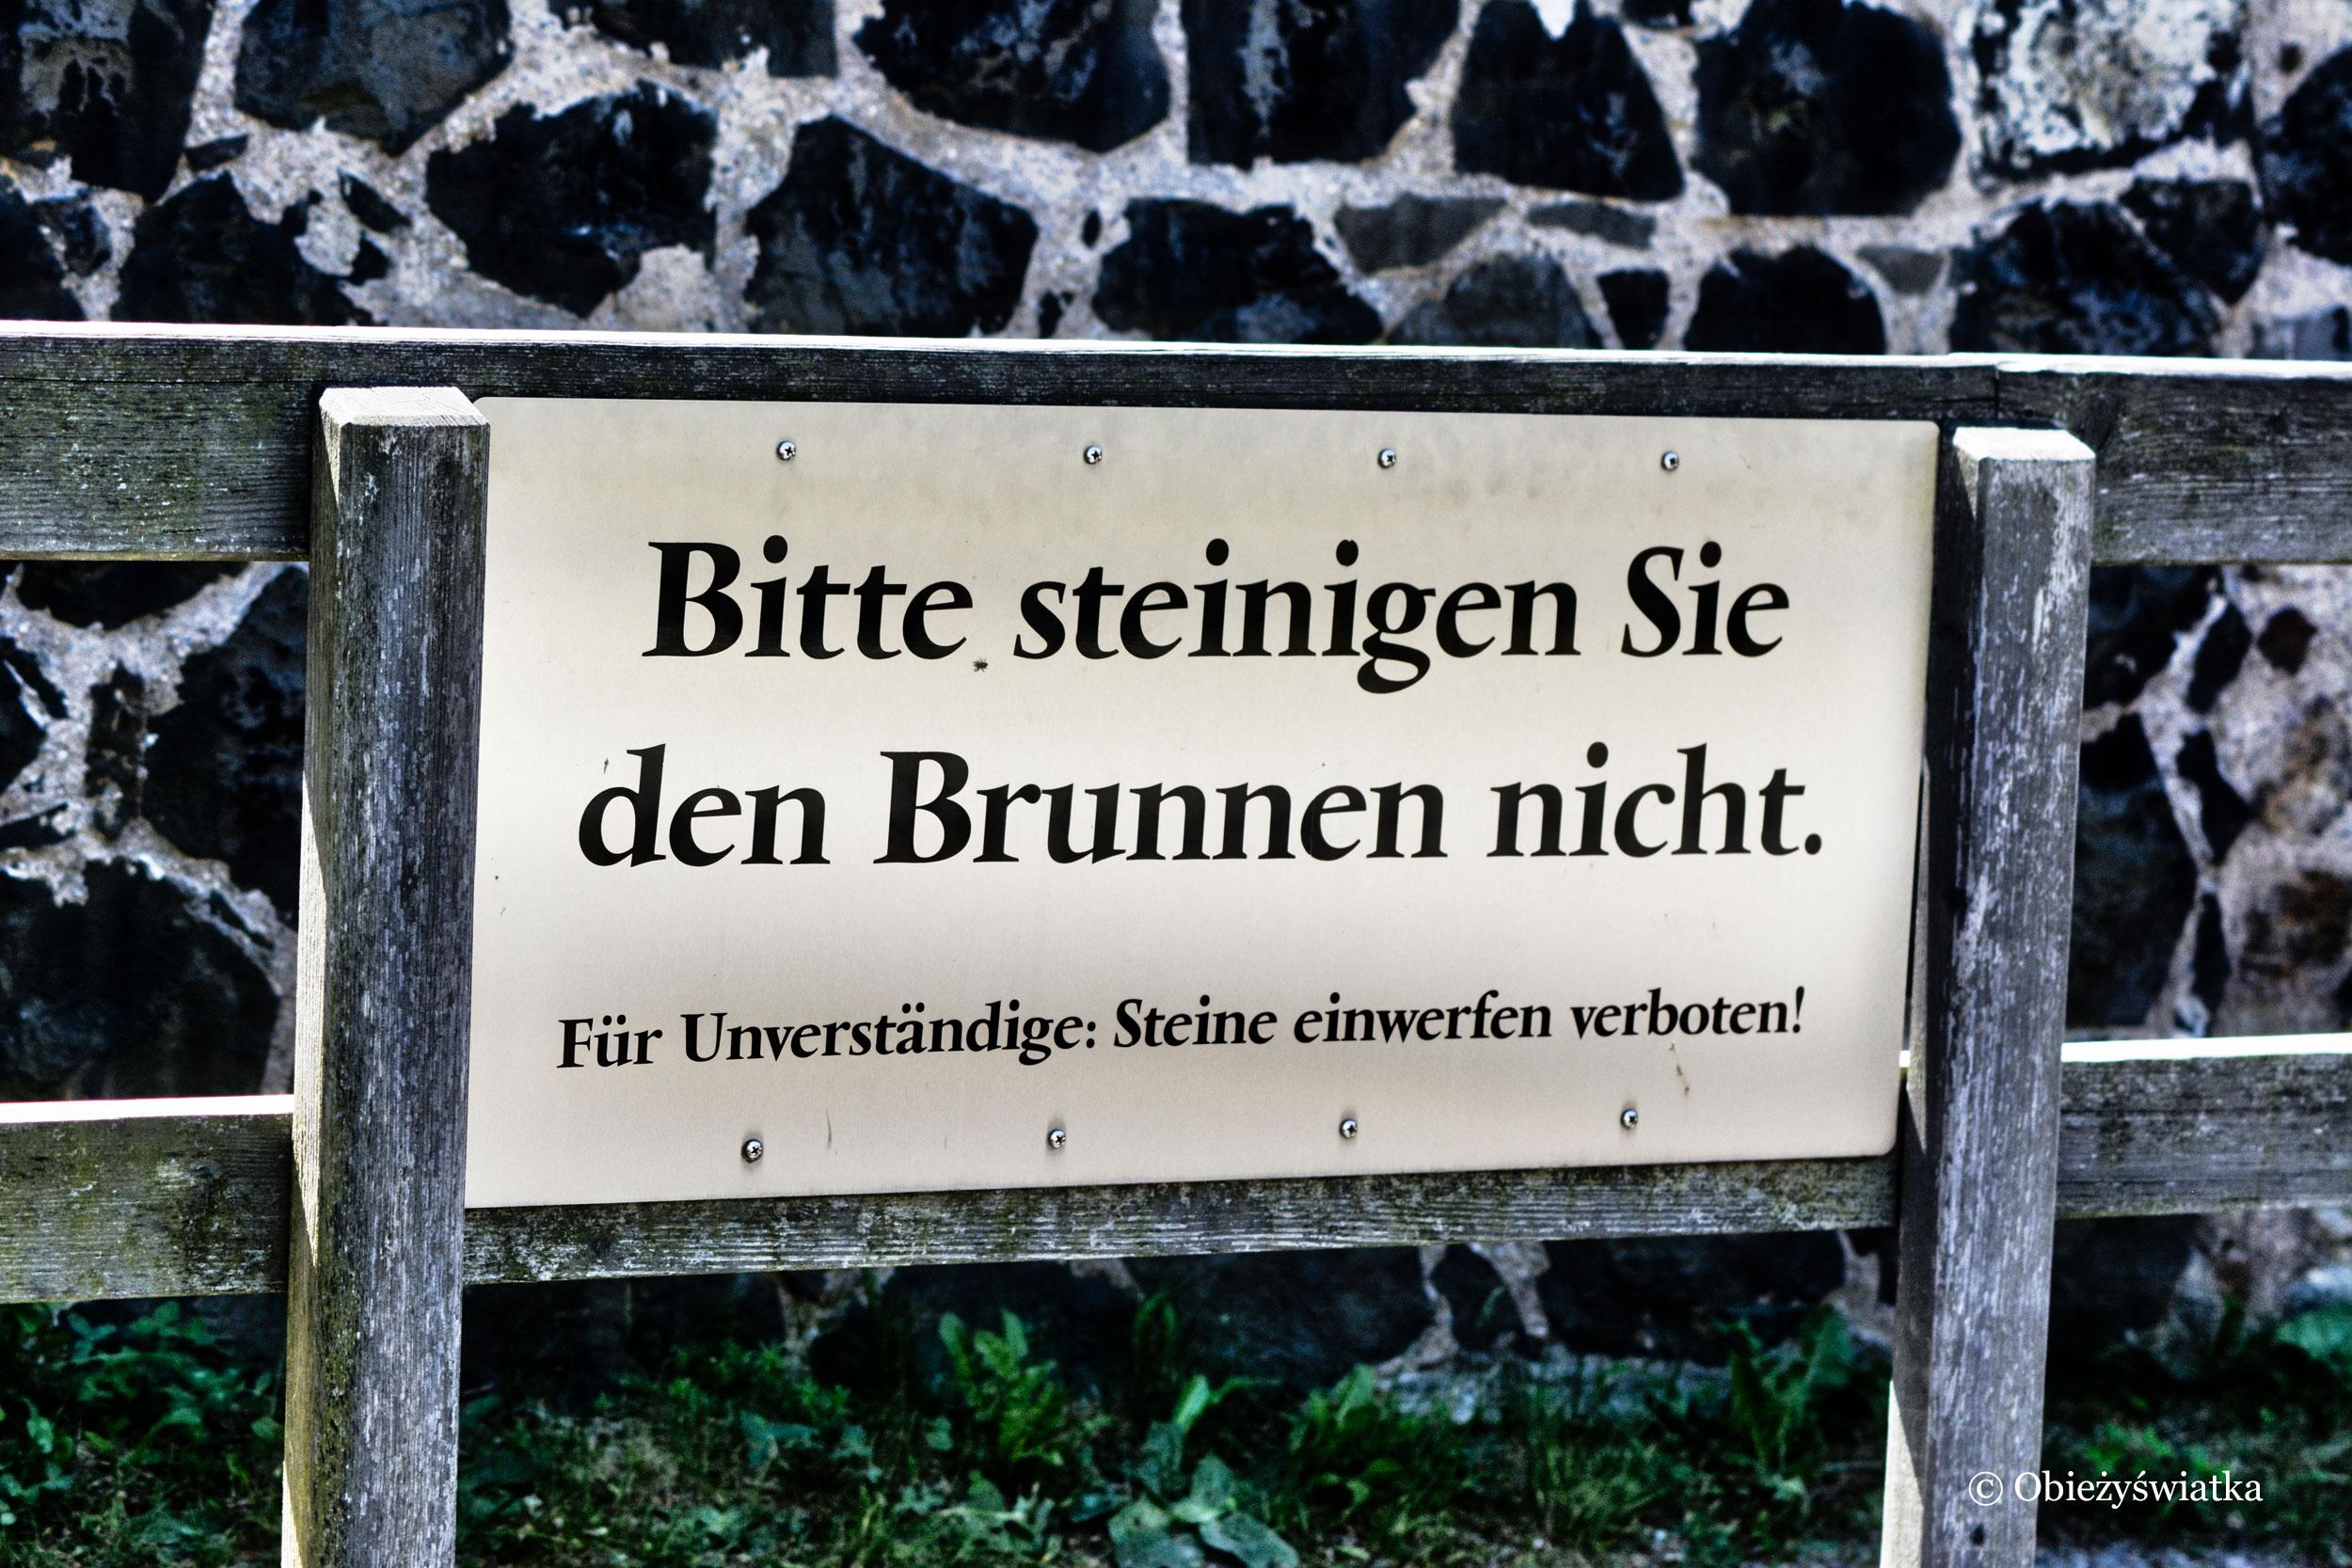 Na zamku Stolpen - szyld: Proszę nie kamieniować studni. Dla tych, którzy nie rozumieją: Wrzucanie kamieni wzbronione!